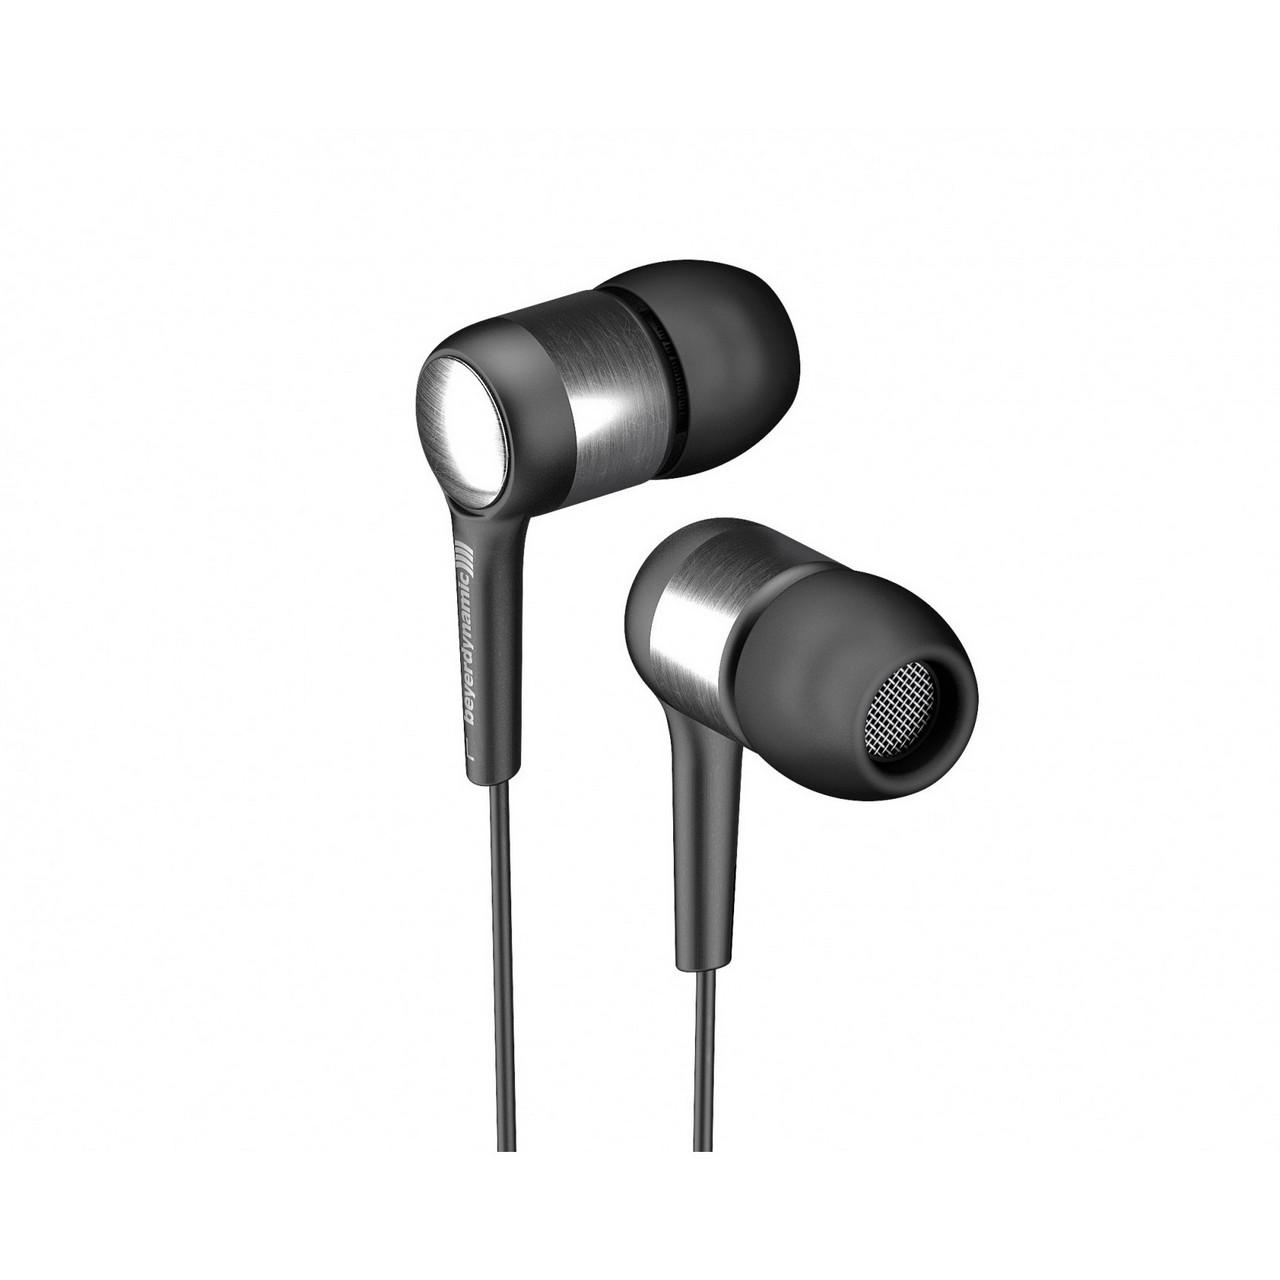 Beyerdynamic Byron Android Fülhallgató – Audiophile Szalon – Exkluzív HiFi-  és Házimozi rendszerek 3913db7c6e